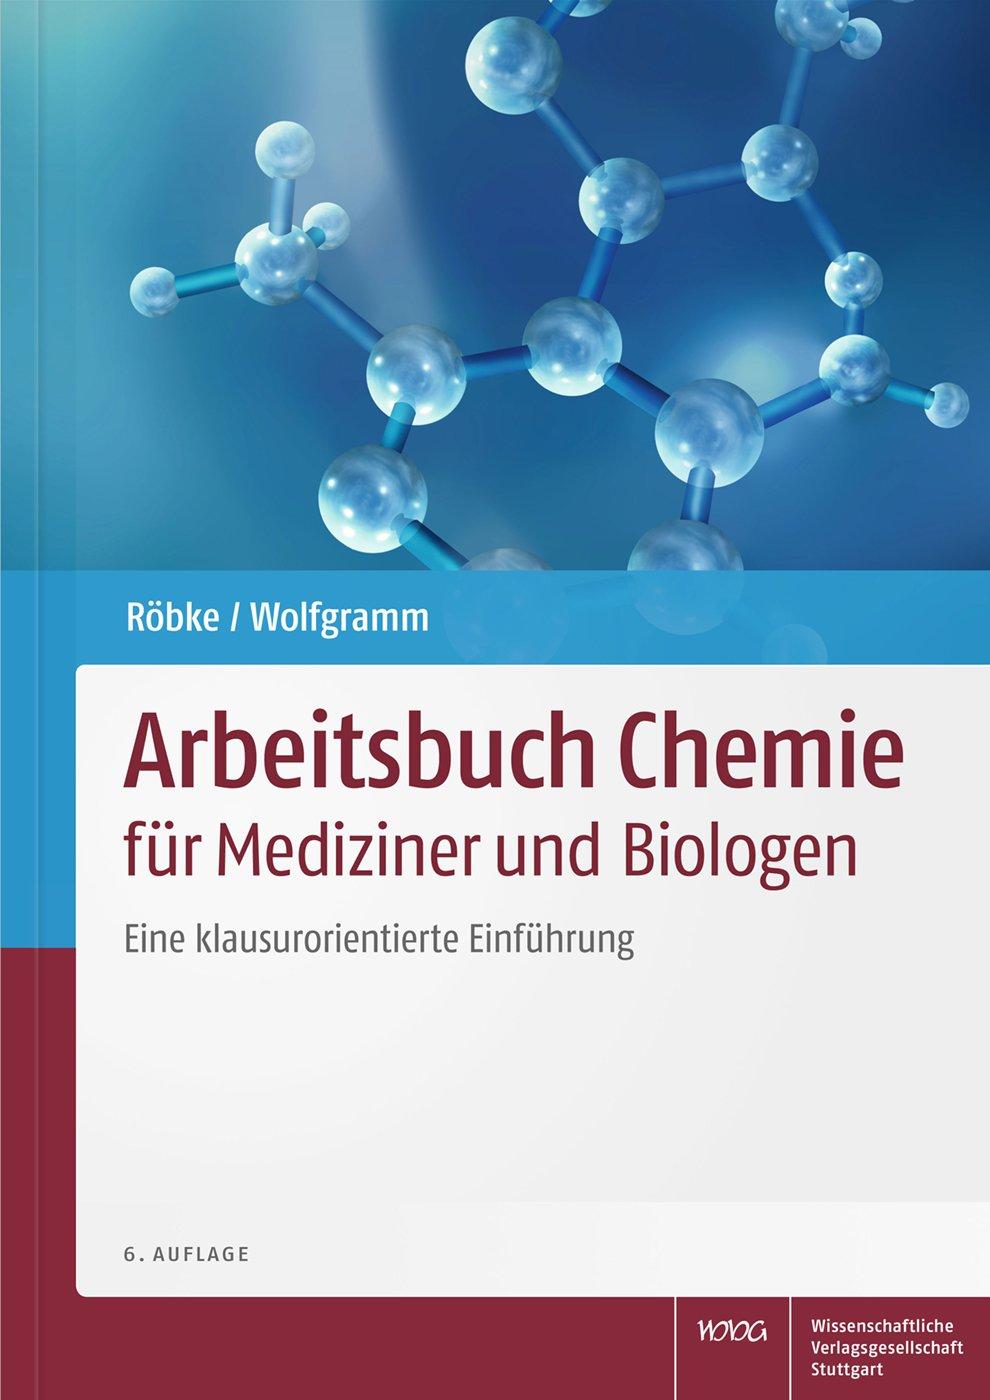 Studium - Shop - Mediengruppe Deutscher Apotheker Verlag